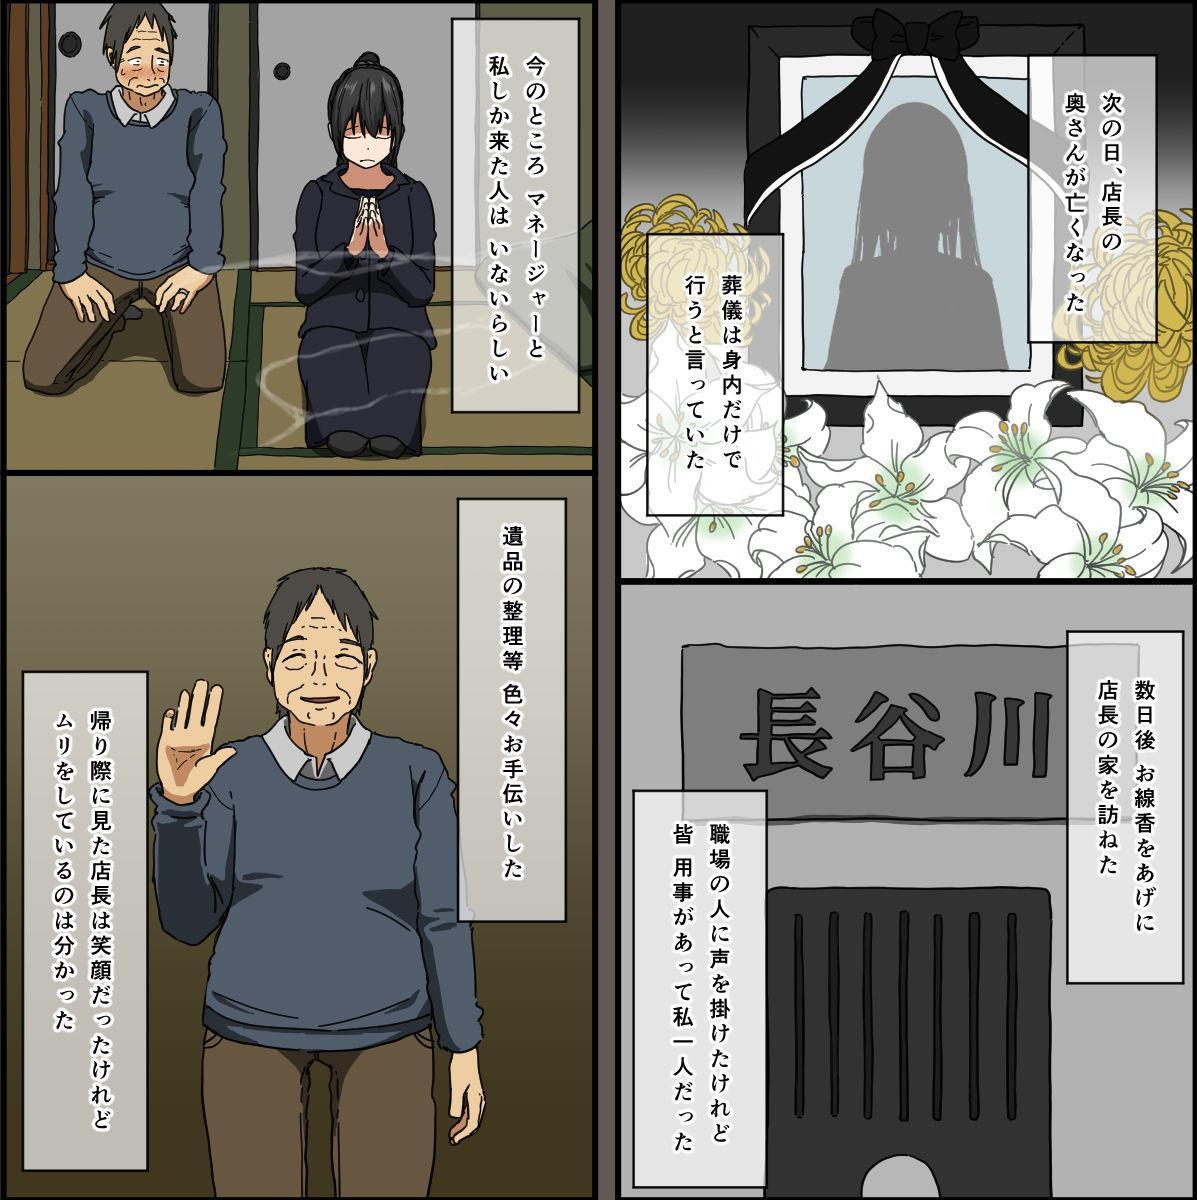 Aitsu ga Katta Gom no Size wa Ore no yori Dekakatta 6